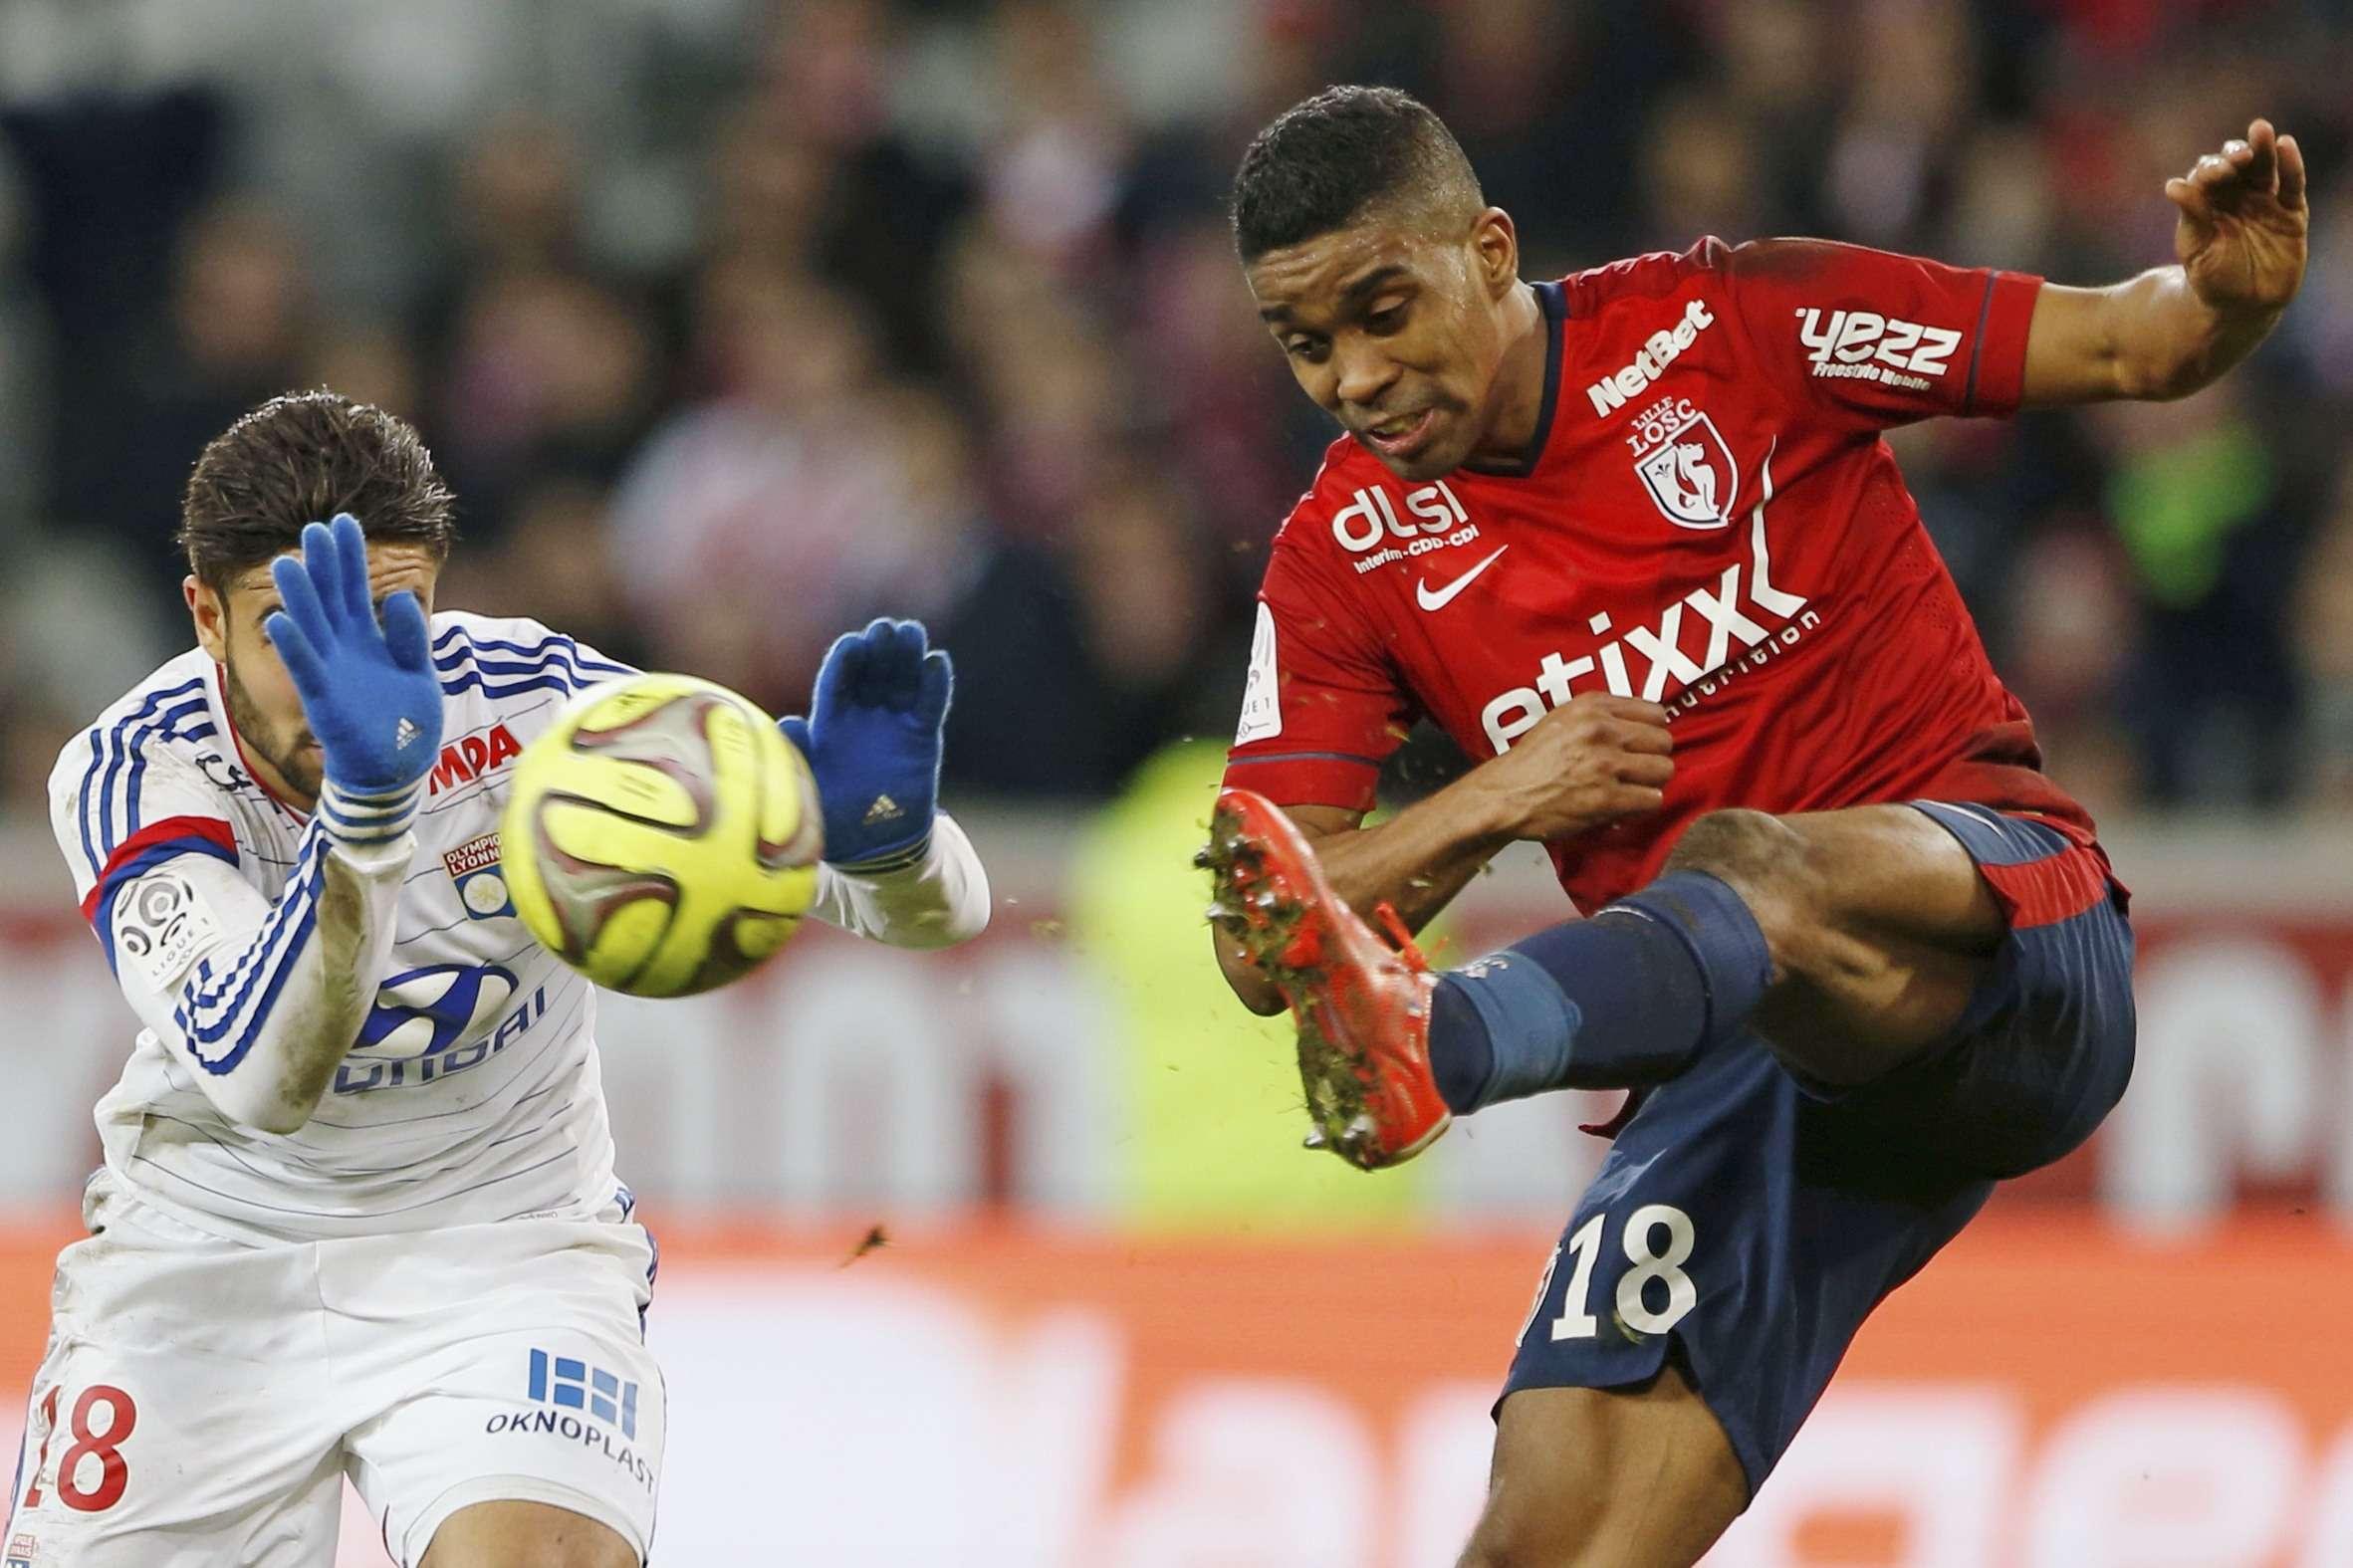 El Lyon, líder de la liga francesa, perdió 2-1 en su visita al Lille, en la jornada 27 del campeonato; y el París Saint-Germain podría colocarse en la primera posición si gana en el terreno del Mónaco. Foto: Reuters